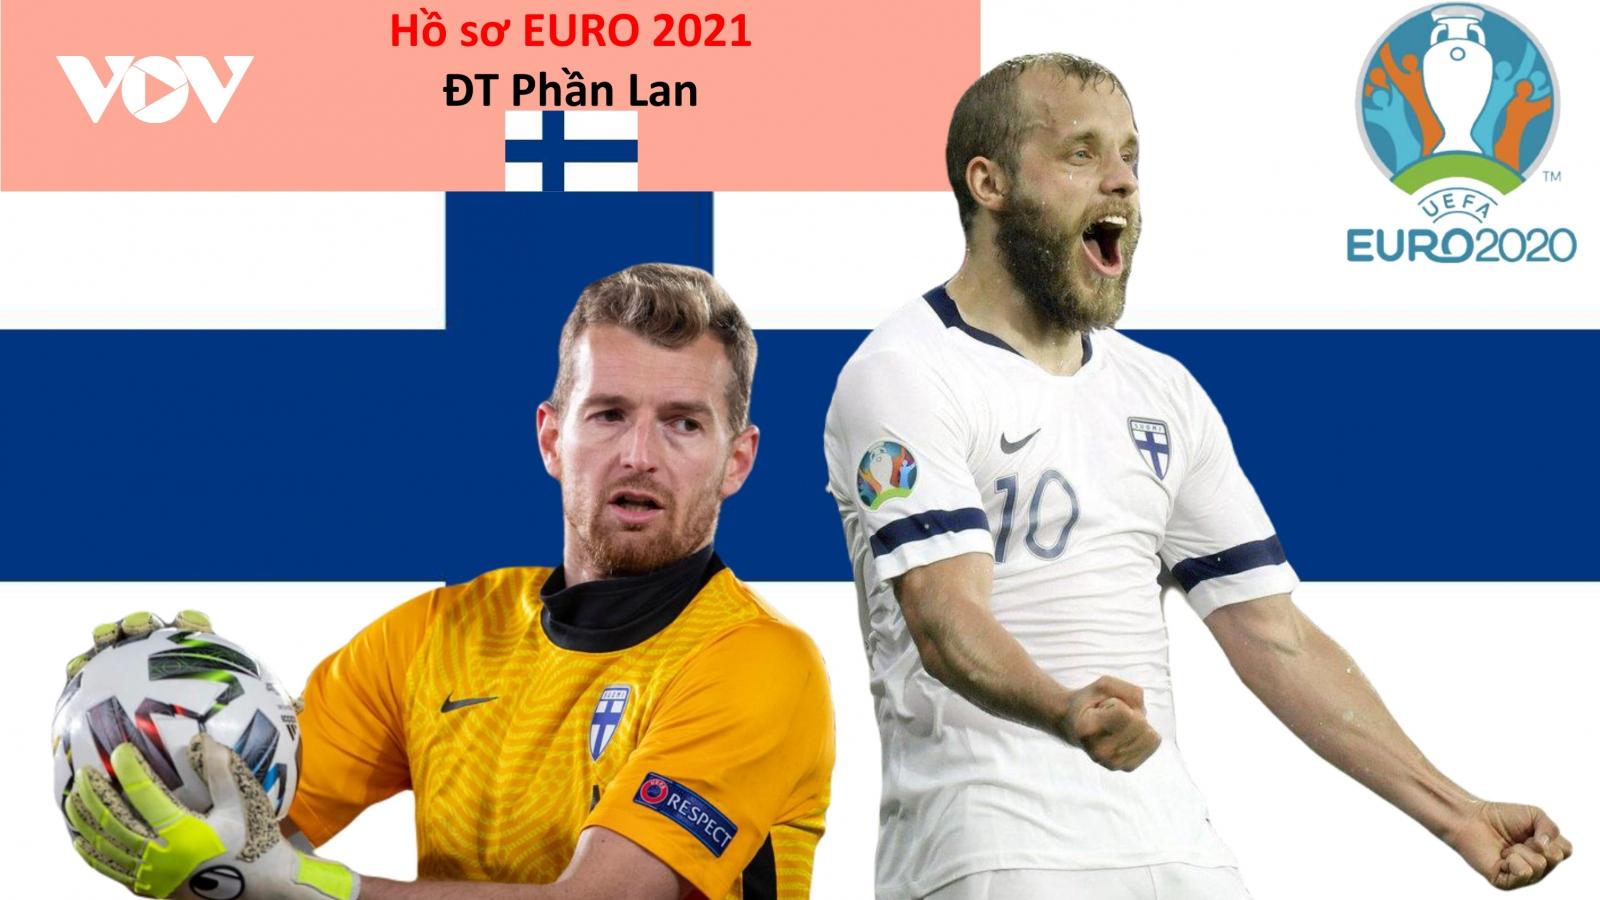 Hồ sơ các ĐT dự EURO 2021: Đội tuyển Phần Lan